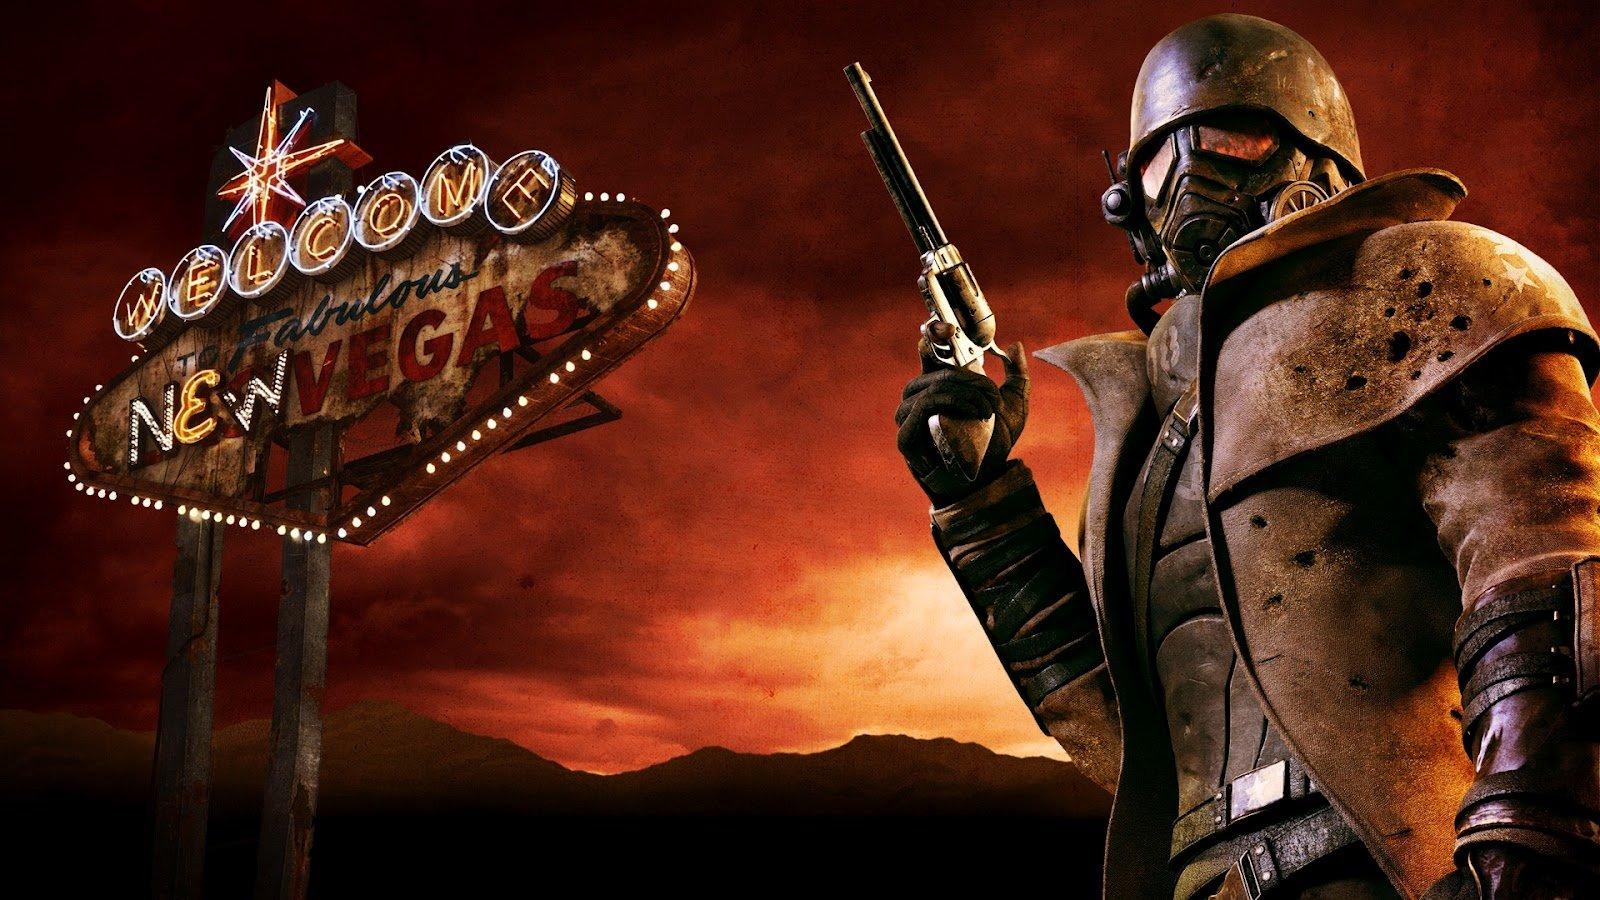 Free Download Falloutnewvegaswallpaper1 Fallout New Vegas